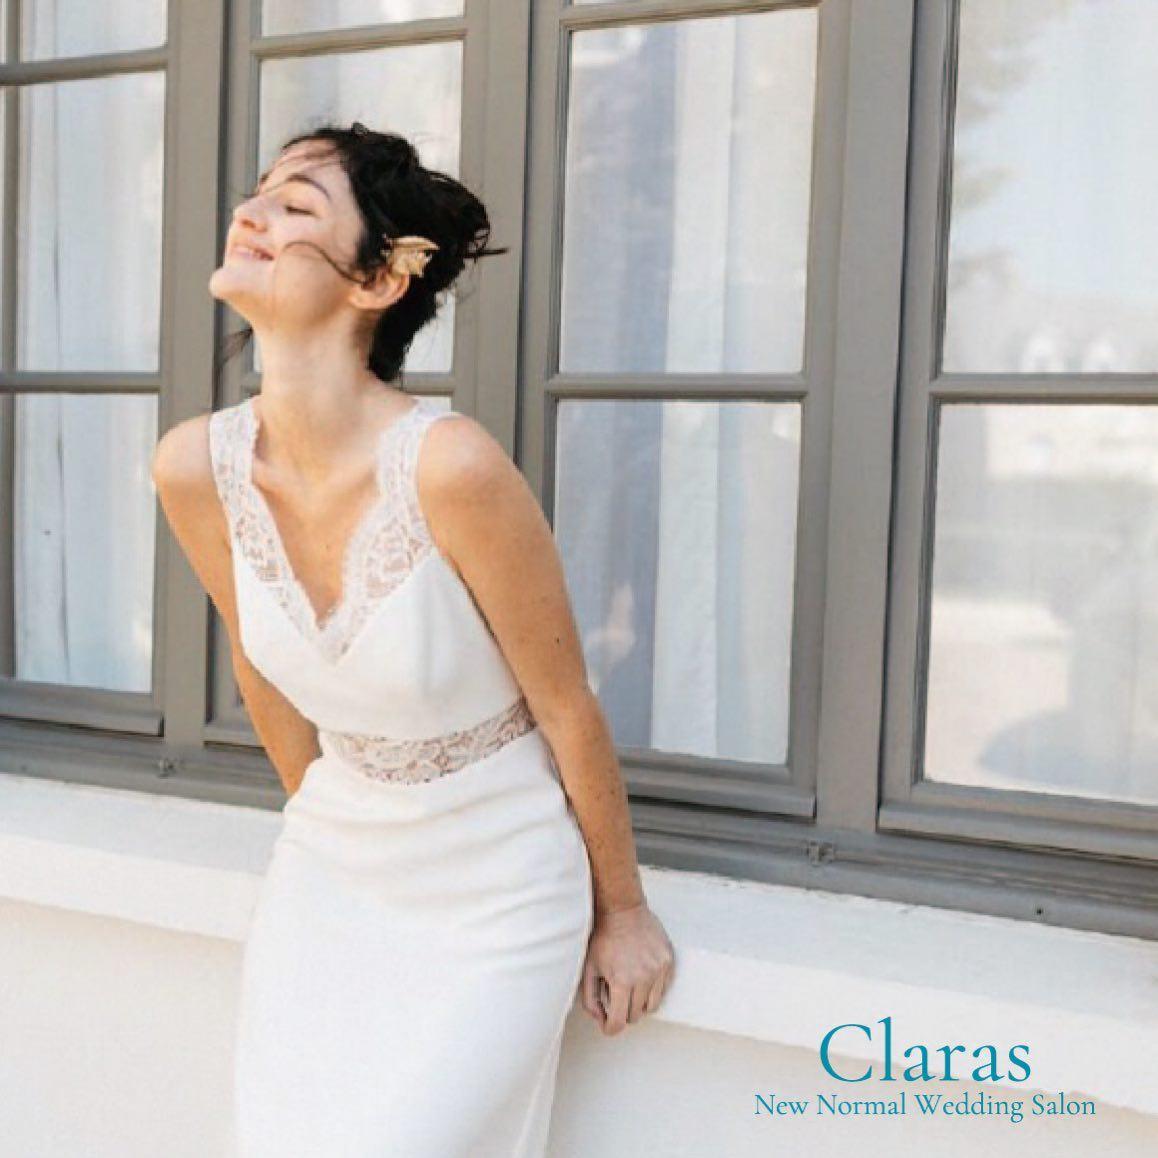 """🕊新しいドレス選びをClarasで🕊・インポートドレスを適正価格でお届けするのがClarasレンタルでは叶わない繊細で上質な素材も、ジャストサイズだから再現できるデザイン美も販売だからこそ叶えていける🤍Parisに関連会社があるからこそ直輸入での適正価格・Clarasは1組ずつ貸切でご案内寛ぎながら本当にその方に合った1着へと導きます自分だけのための1着を選びに来てください結婚式やフォトなど迷ってる方でもまずはClarasへ🤍長年様々なウエディングに携わってきたClarasスタッフより、細かなカウンセリングを行い的確ななご提案をさせていただきますご予約はDMからでも承れます・New Normal Wedding Salon""""Claras""""https://claras.jp/・about """"Claras""""…(ラテン語で、明るい·輝く)As(明日· 未来, フランス語て最高、一番) ・明るく輝く明日(未来) に貢献したいという想いを込めています🕊Fashionの都Parisをはじめ、欧米から選りすぐりのドレスをこれから出逢う花嫁のために取揃えました・2021.3.7 (Sun)NEW OPEN・Dressから始まるWedding Story""""憧れていた Dress選びから始まる結婚準備があったっていい""""・さまざまな新しい「価値」を創造し発信していきますこれからの新しい Wedding の常識を""""Claras """"から🕊・New Normal Wedding Salon【Claras】〒107-0061 東京都港区北青山2-9-14SISTER Bldg 1F(101) 東京メトロ銀座線 外苑前駅3番出ロより徒歩2分Tel:03 6910 5163HP: https://claras.jp営業時間:平日 12:00-18:00 土日祝11:00-18:00(定休日:月・火)・#wedding #weddingdress #legeretes #claras #paris #vowrenewal#ウェディングドレス #プレ花嫁 #ドレス試着 #ドレス迷子 #2021冬婚 #ヘアメイク #結婚式  #ドレス選び #前撮り #インポートドレス #フォトウェディング #ウェディングヘア  #フォト婚 #ニューノーマル #ブライダルフォト #カップルフォト #ウェディングドレス探し #ウェディングドレス試着 #セルドレス #ドレスショップ #家族婚 #バウリニューアル #記念日婚 #婚約しました"""